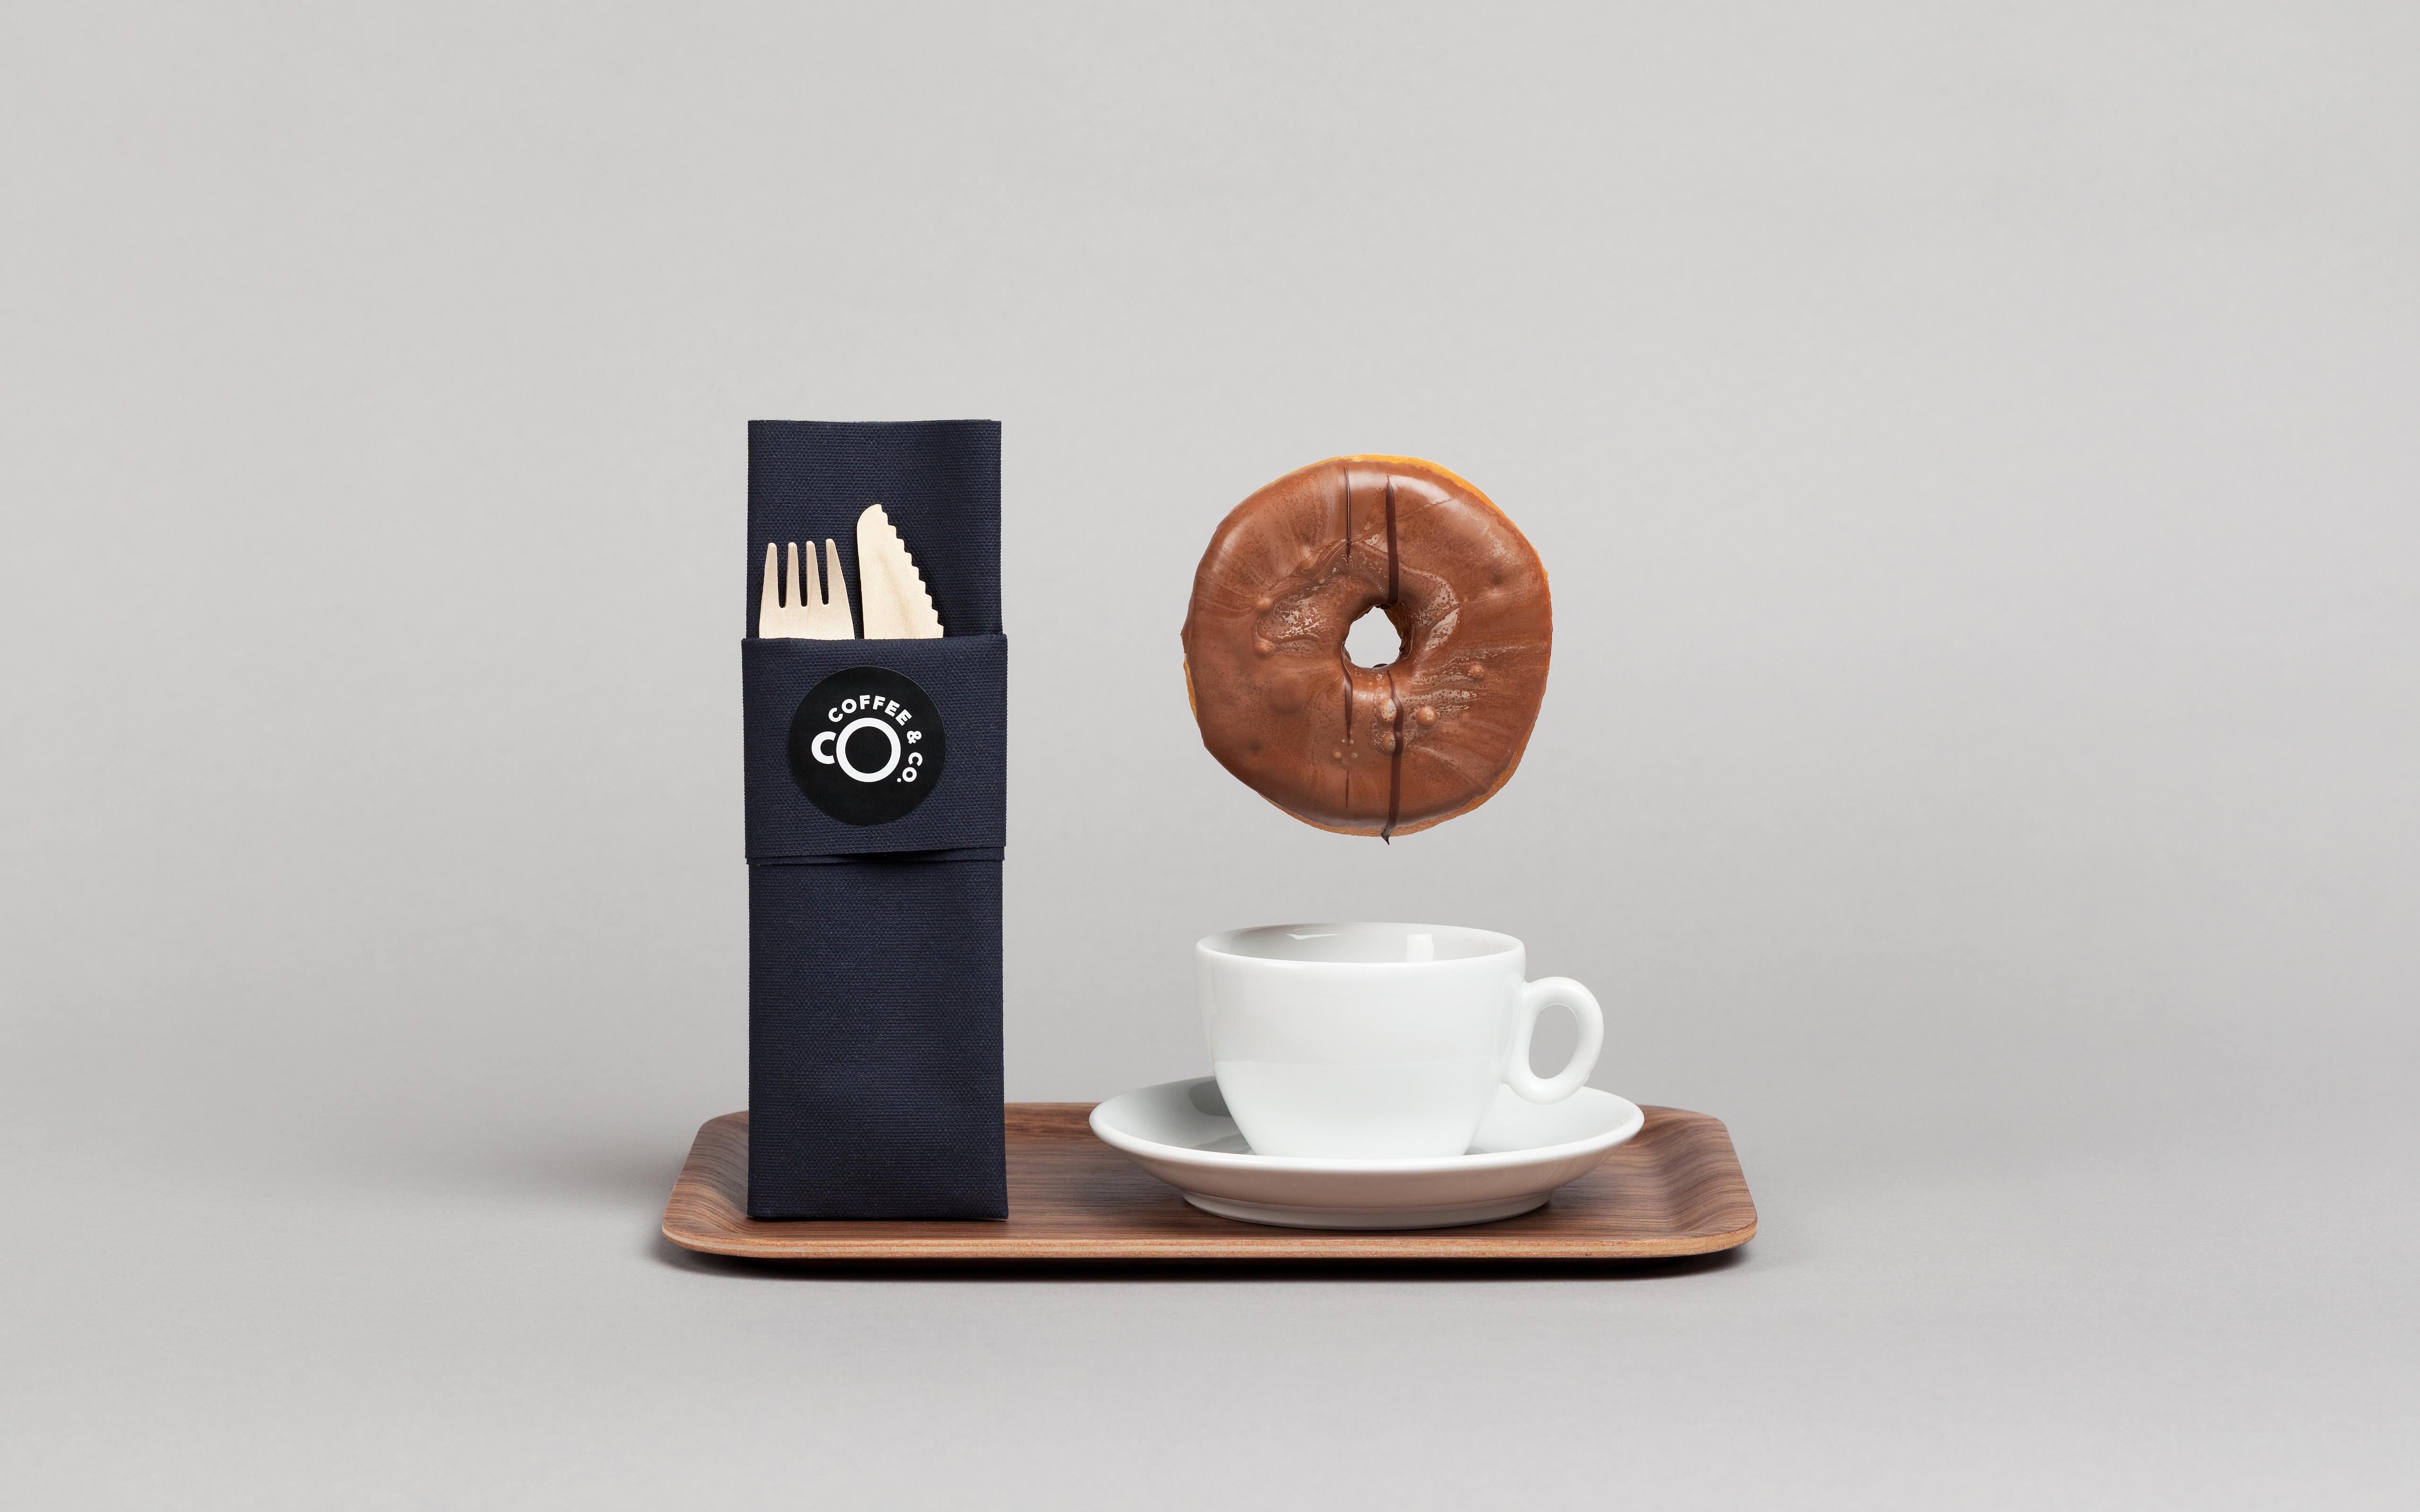 coffee-co_10